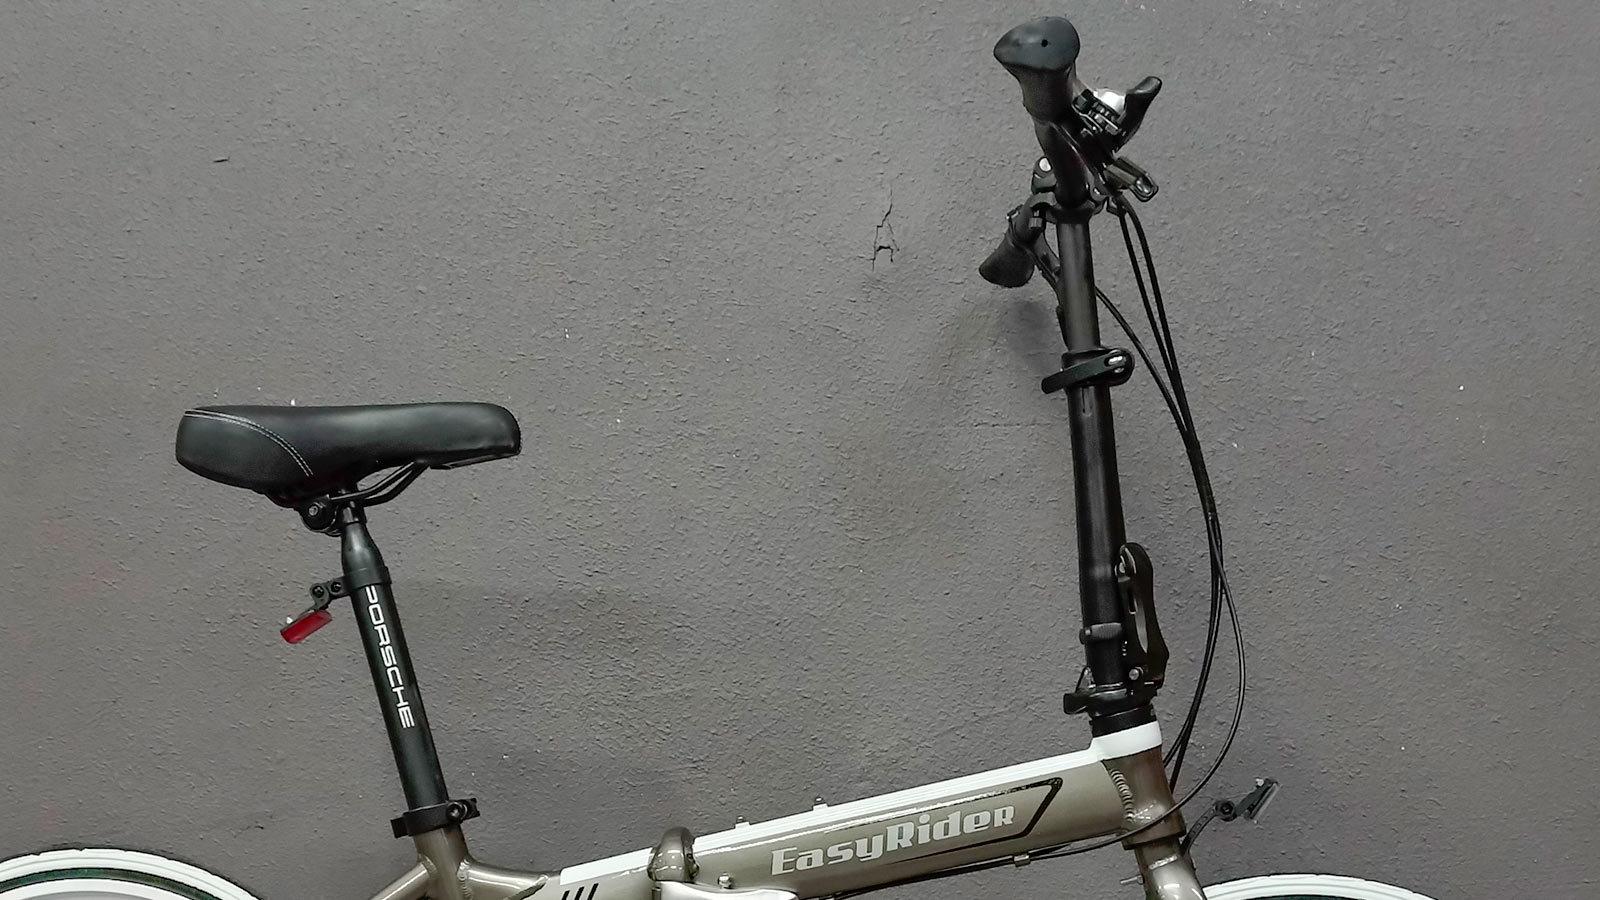 седло руль складной велосипед 20 дюймов